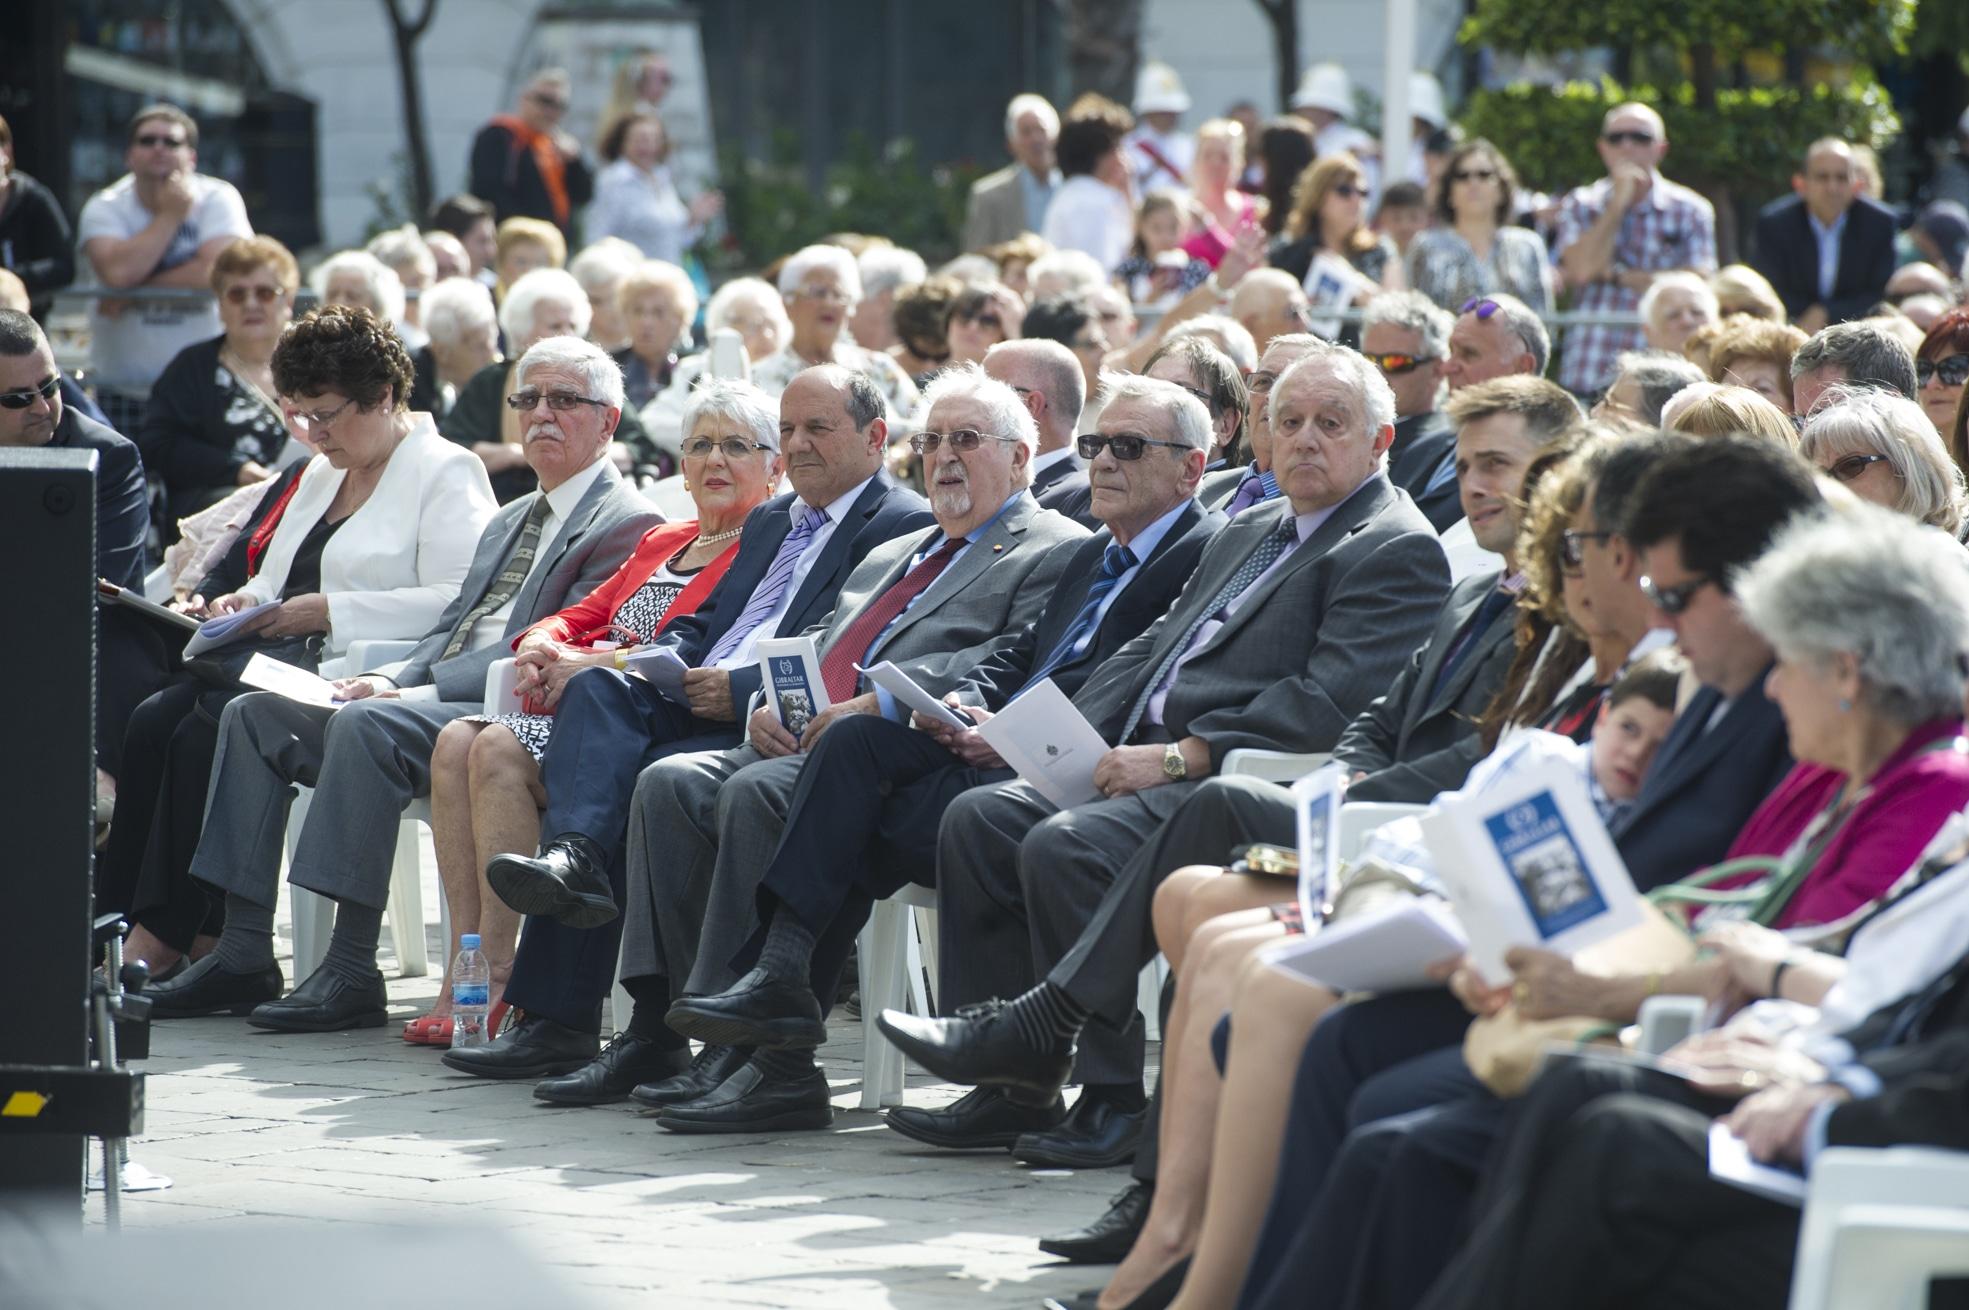 ceremonia-75-anos-evacuacion-gibraltar-22052015-28_17807359728_o